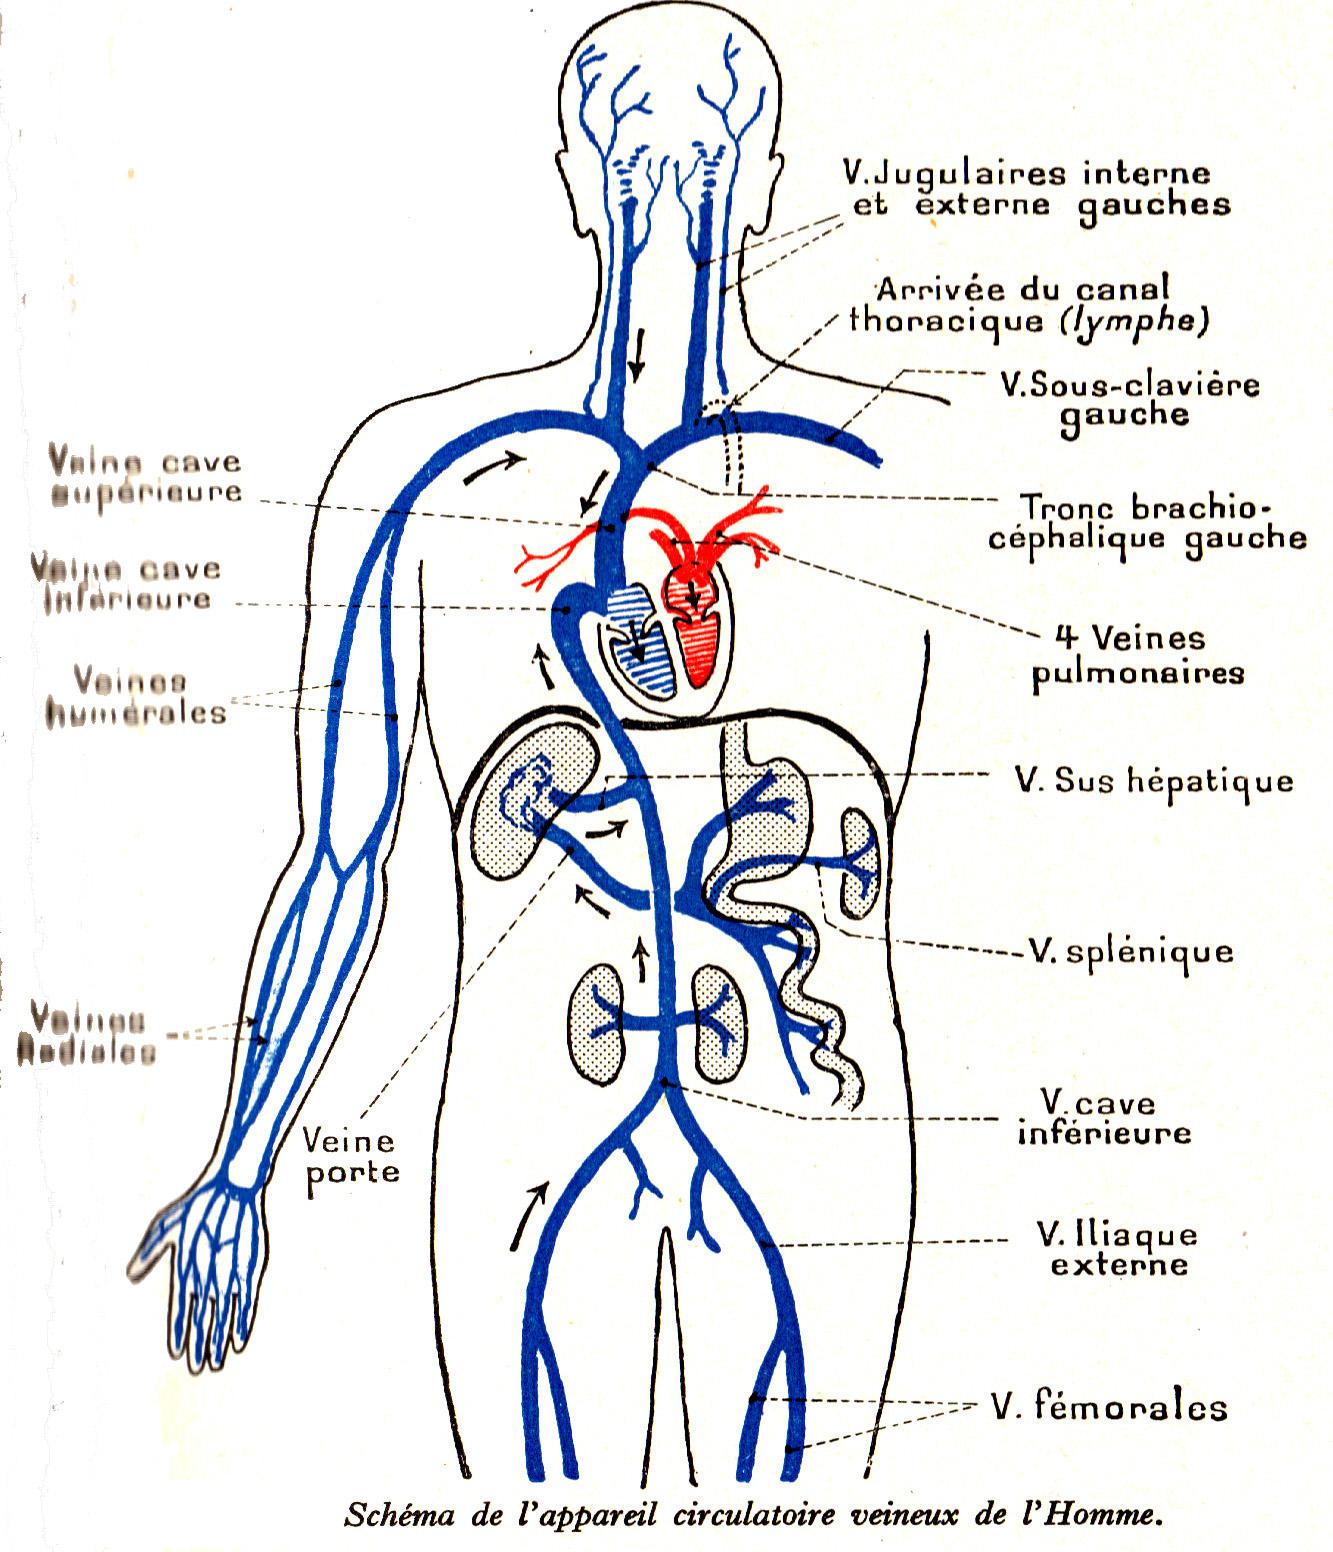 Schön Virtuelle Anatomie Dissektion Bilder - Menschliche Anatomie ...